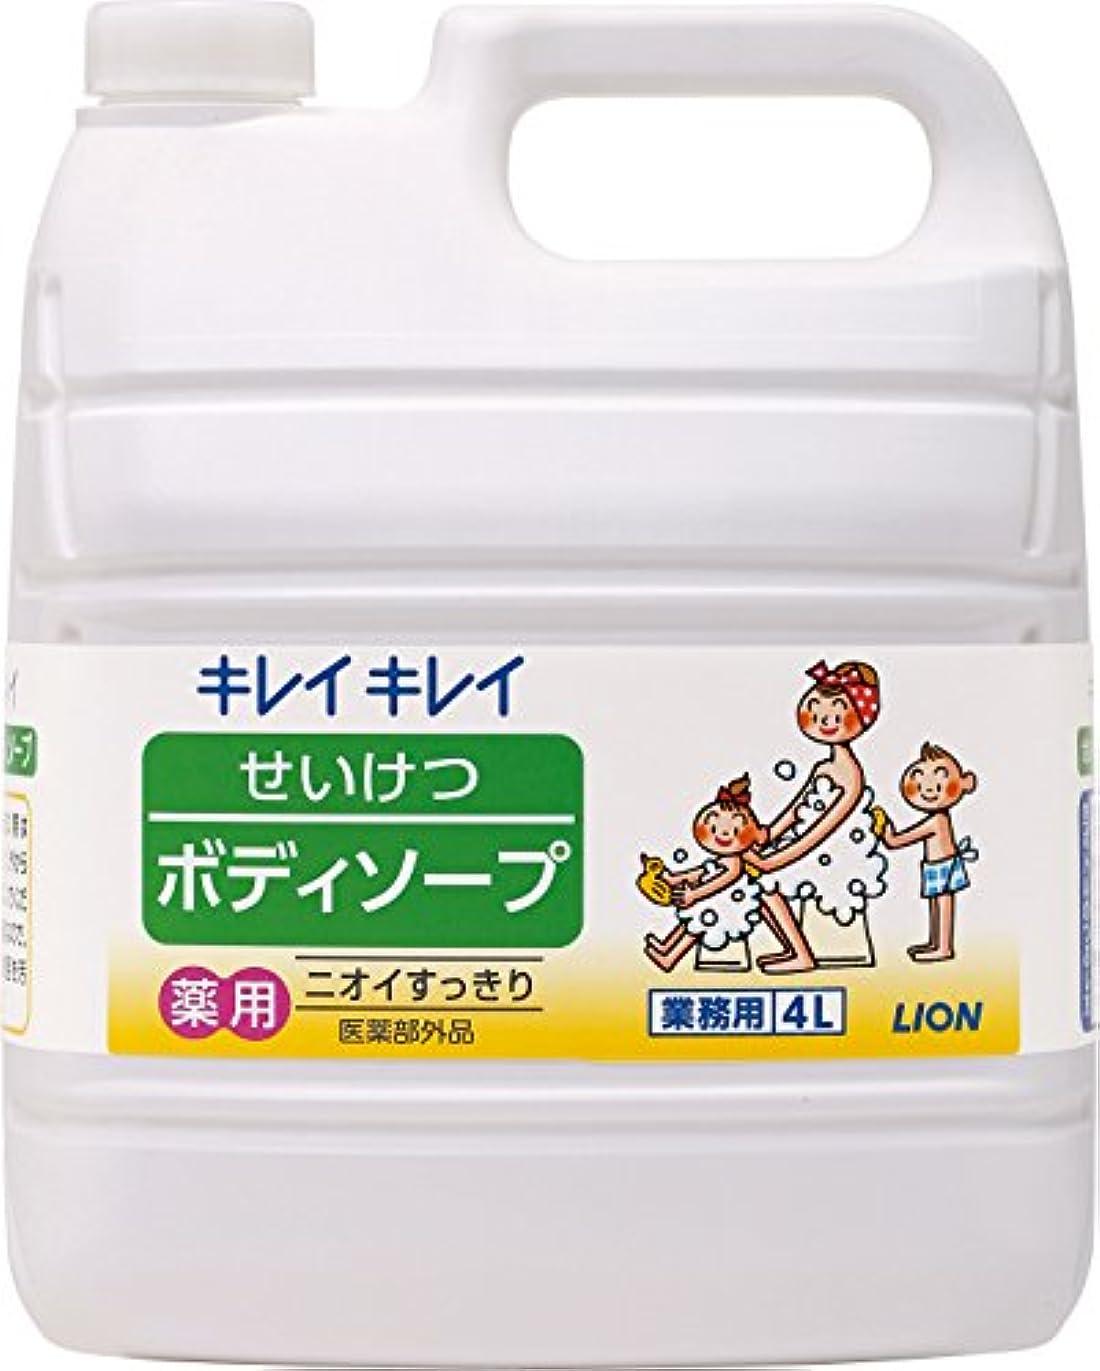 オートマトン高層ビル入浴【業務用 大容量】キレイキレイ せいけつボディソープ さわやかなレモン&オレンジの香り 4L(医薬部外品)